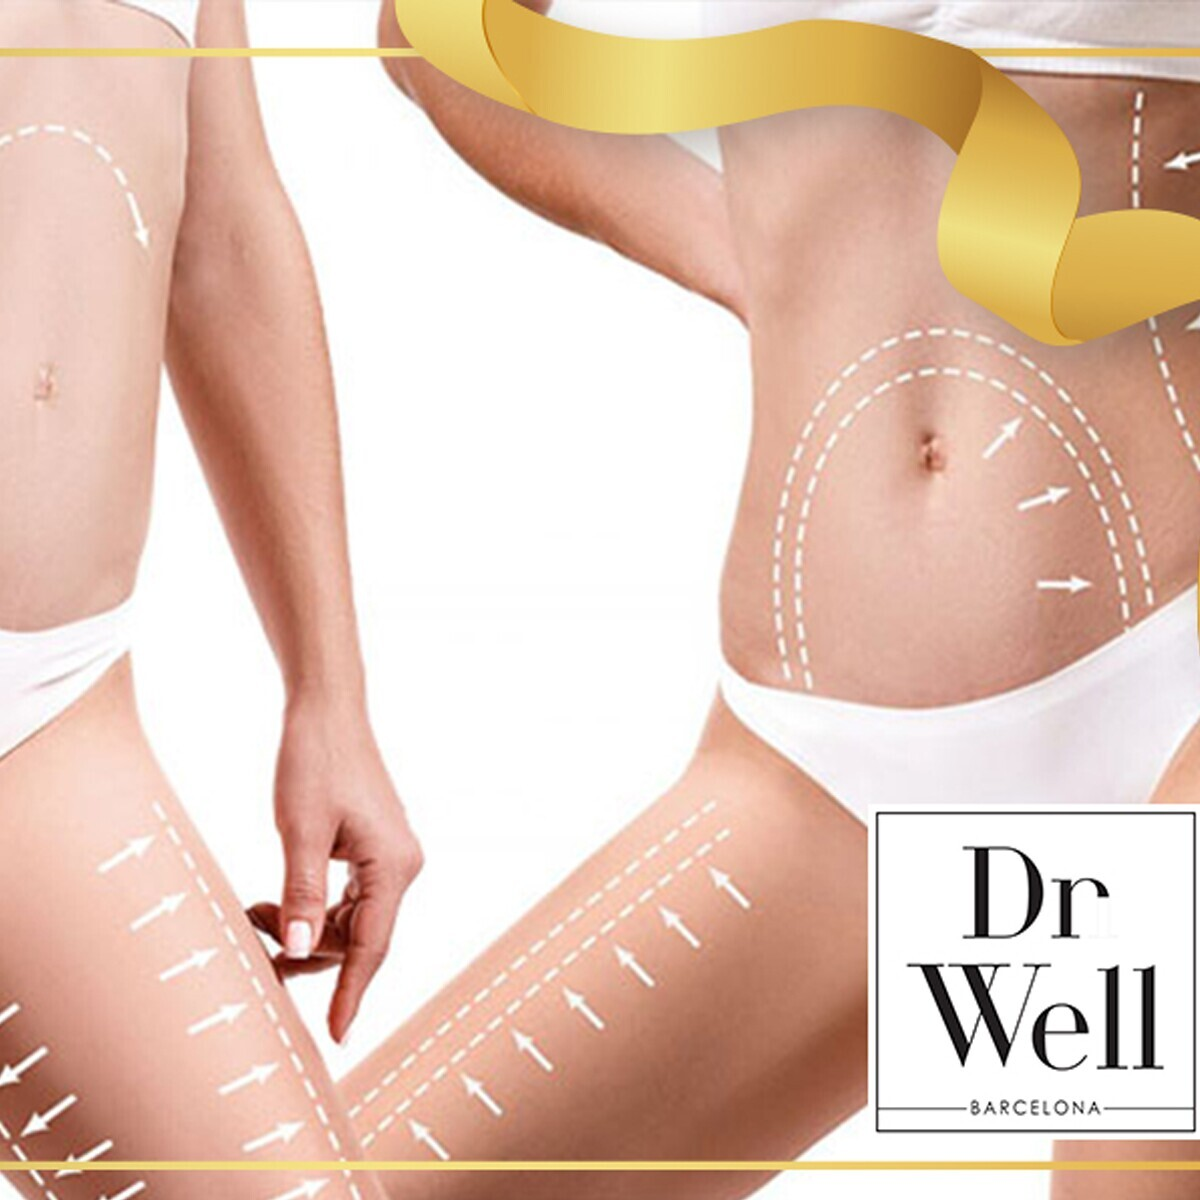 Dr. Well Estetik'ten 3 Seans Lenf Drenaj Uygulaması